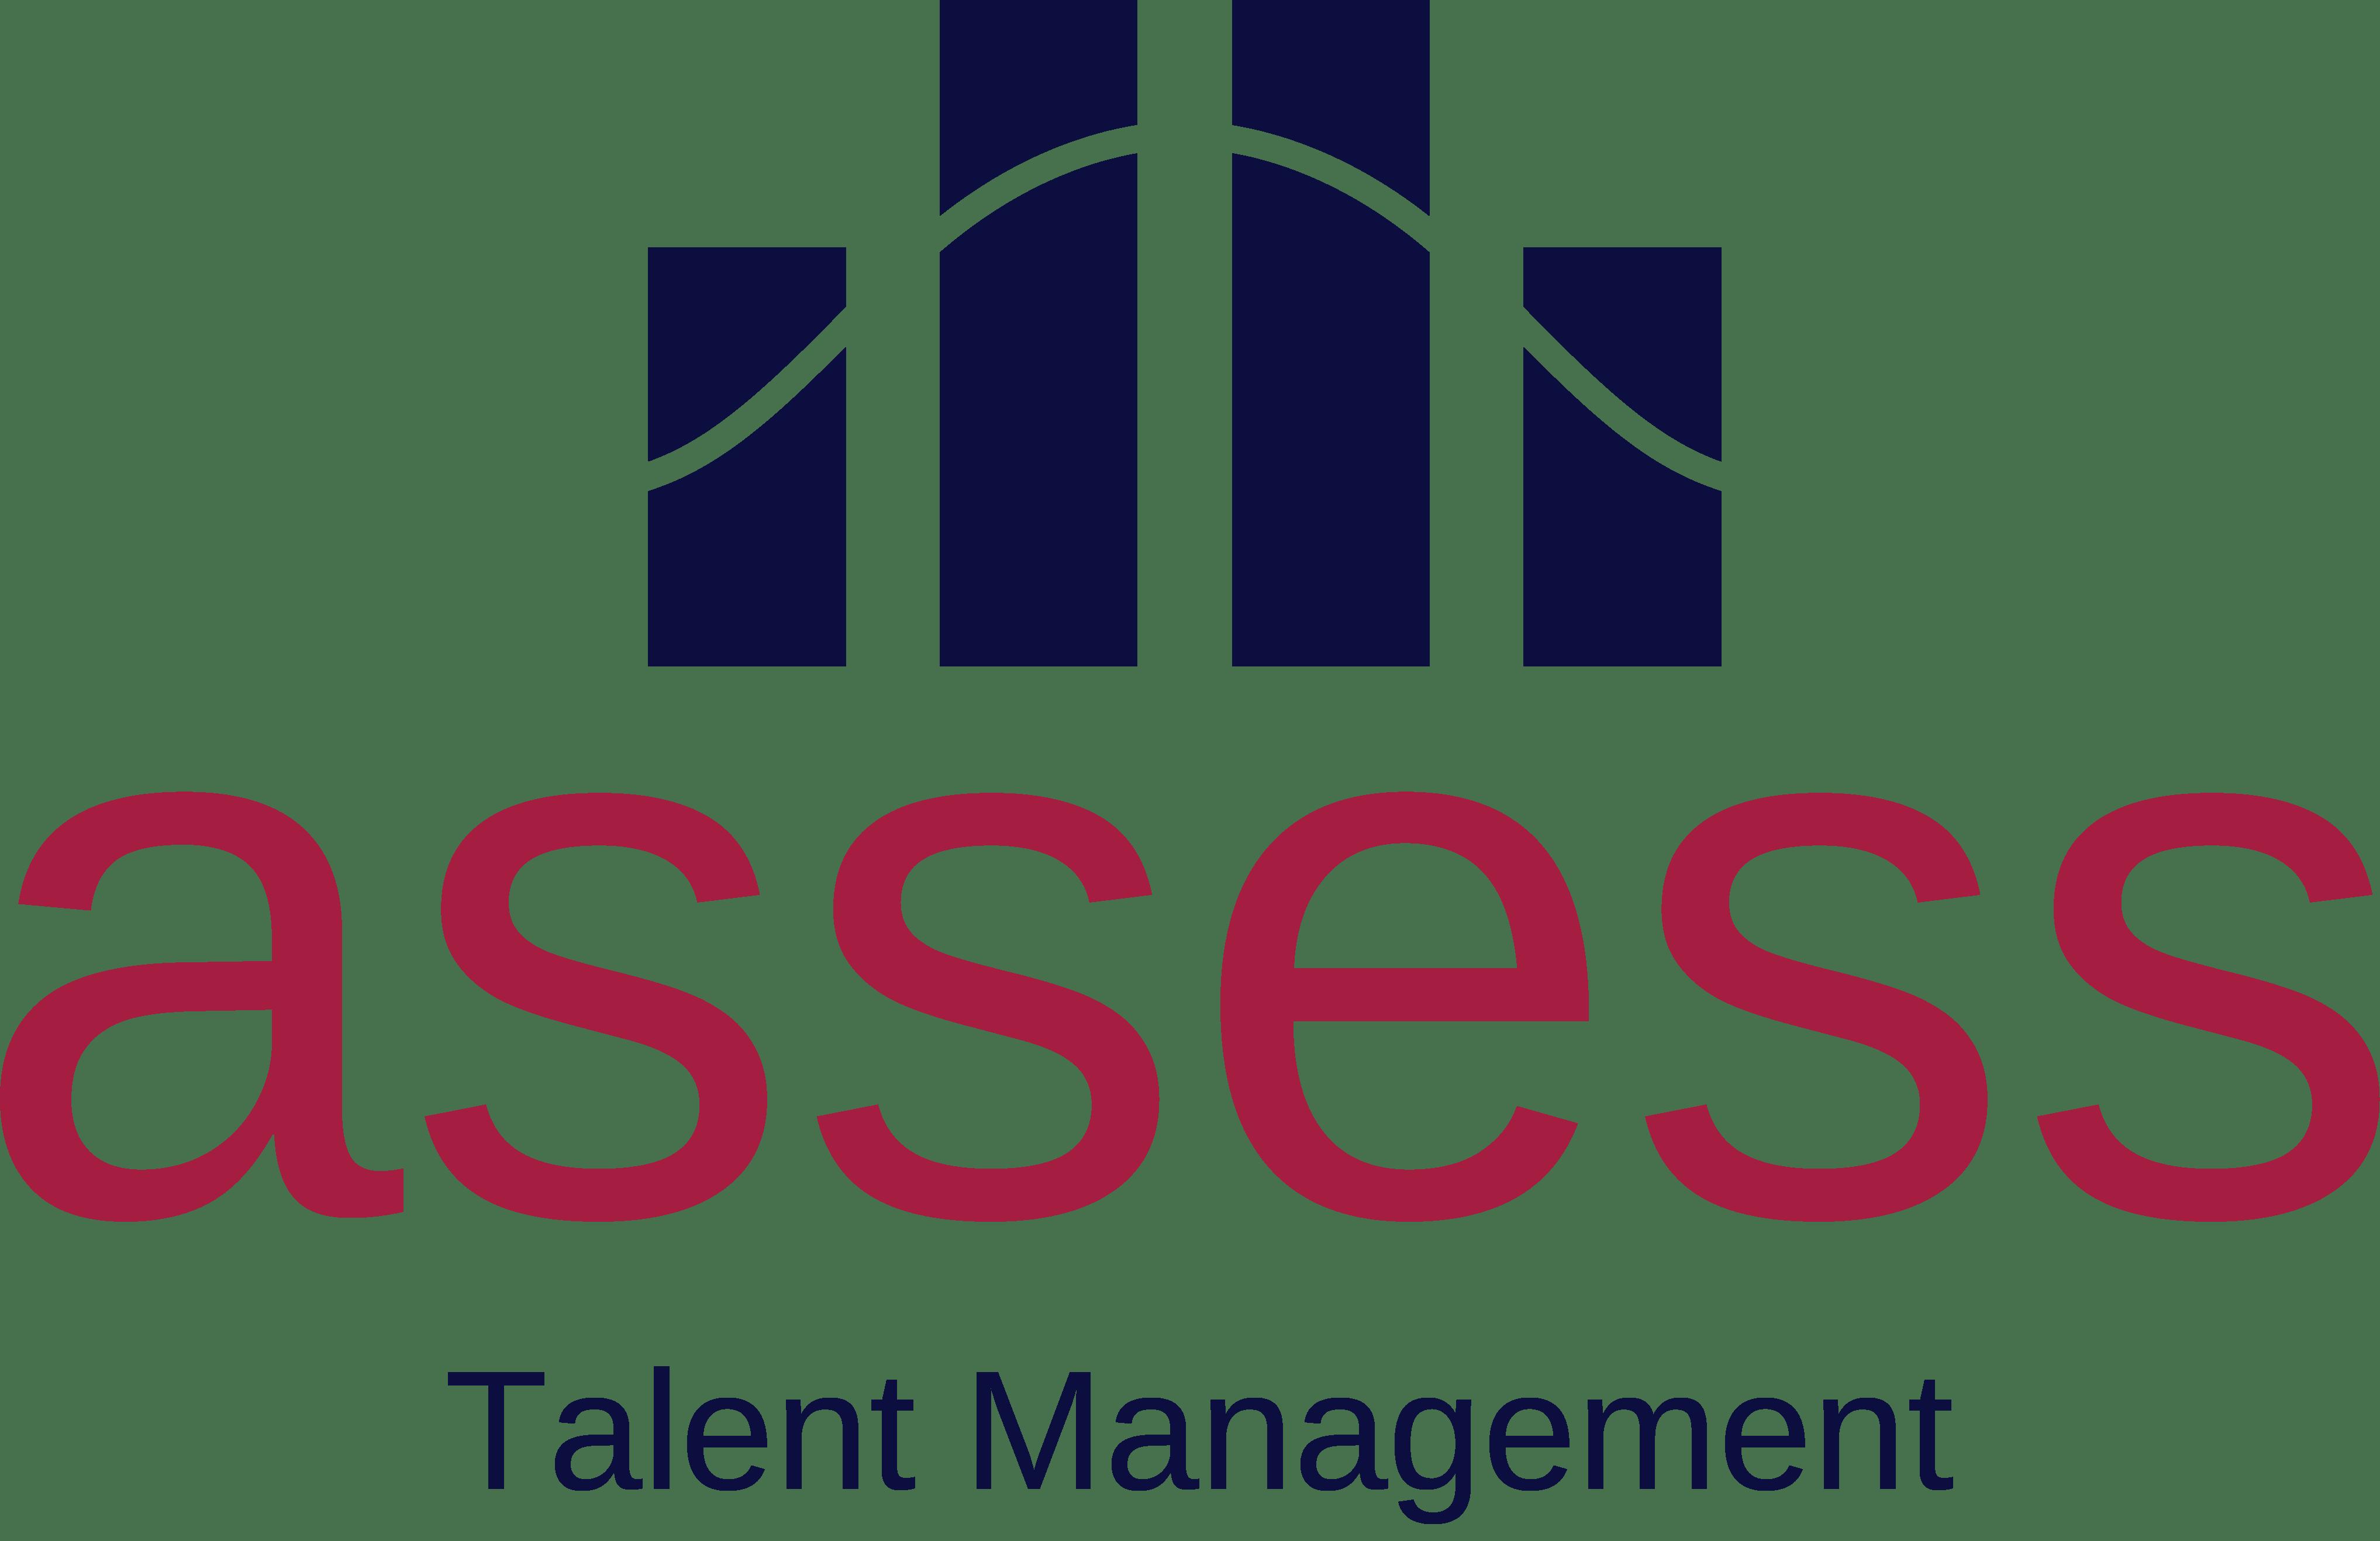 Assess Talent Management